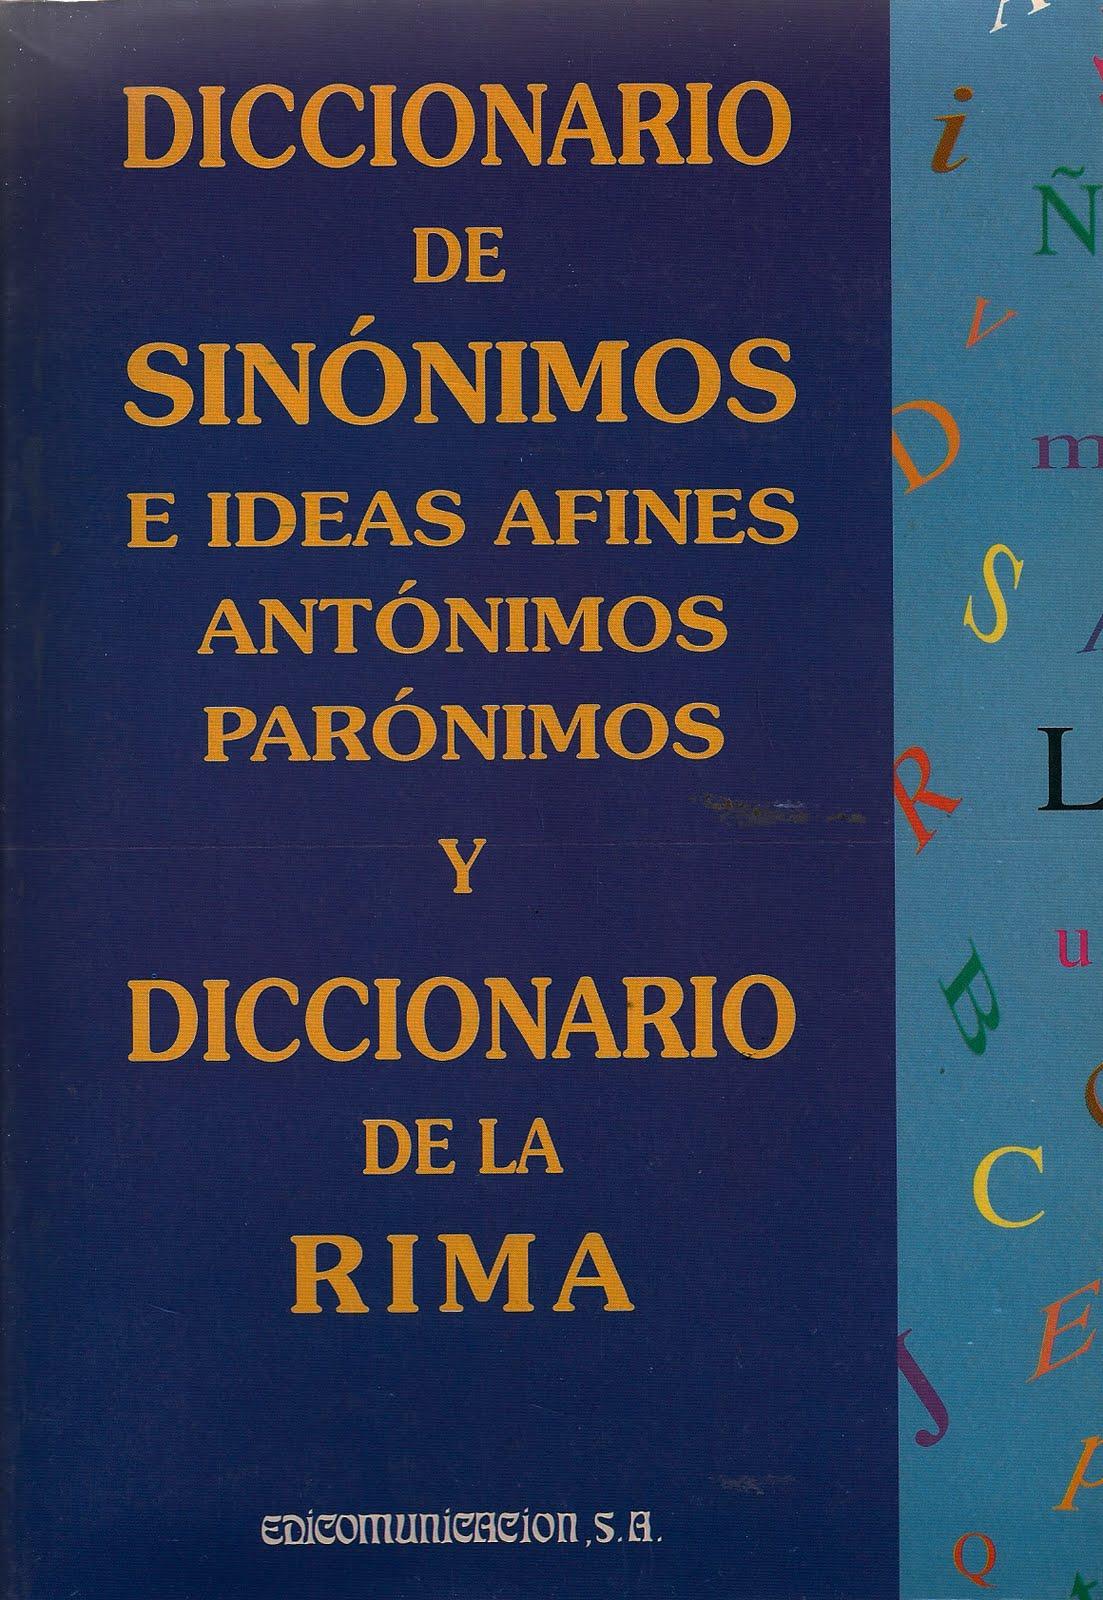 Diccionario De Sinonimos Antonimos Y Paronimos ... - photo#16